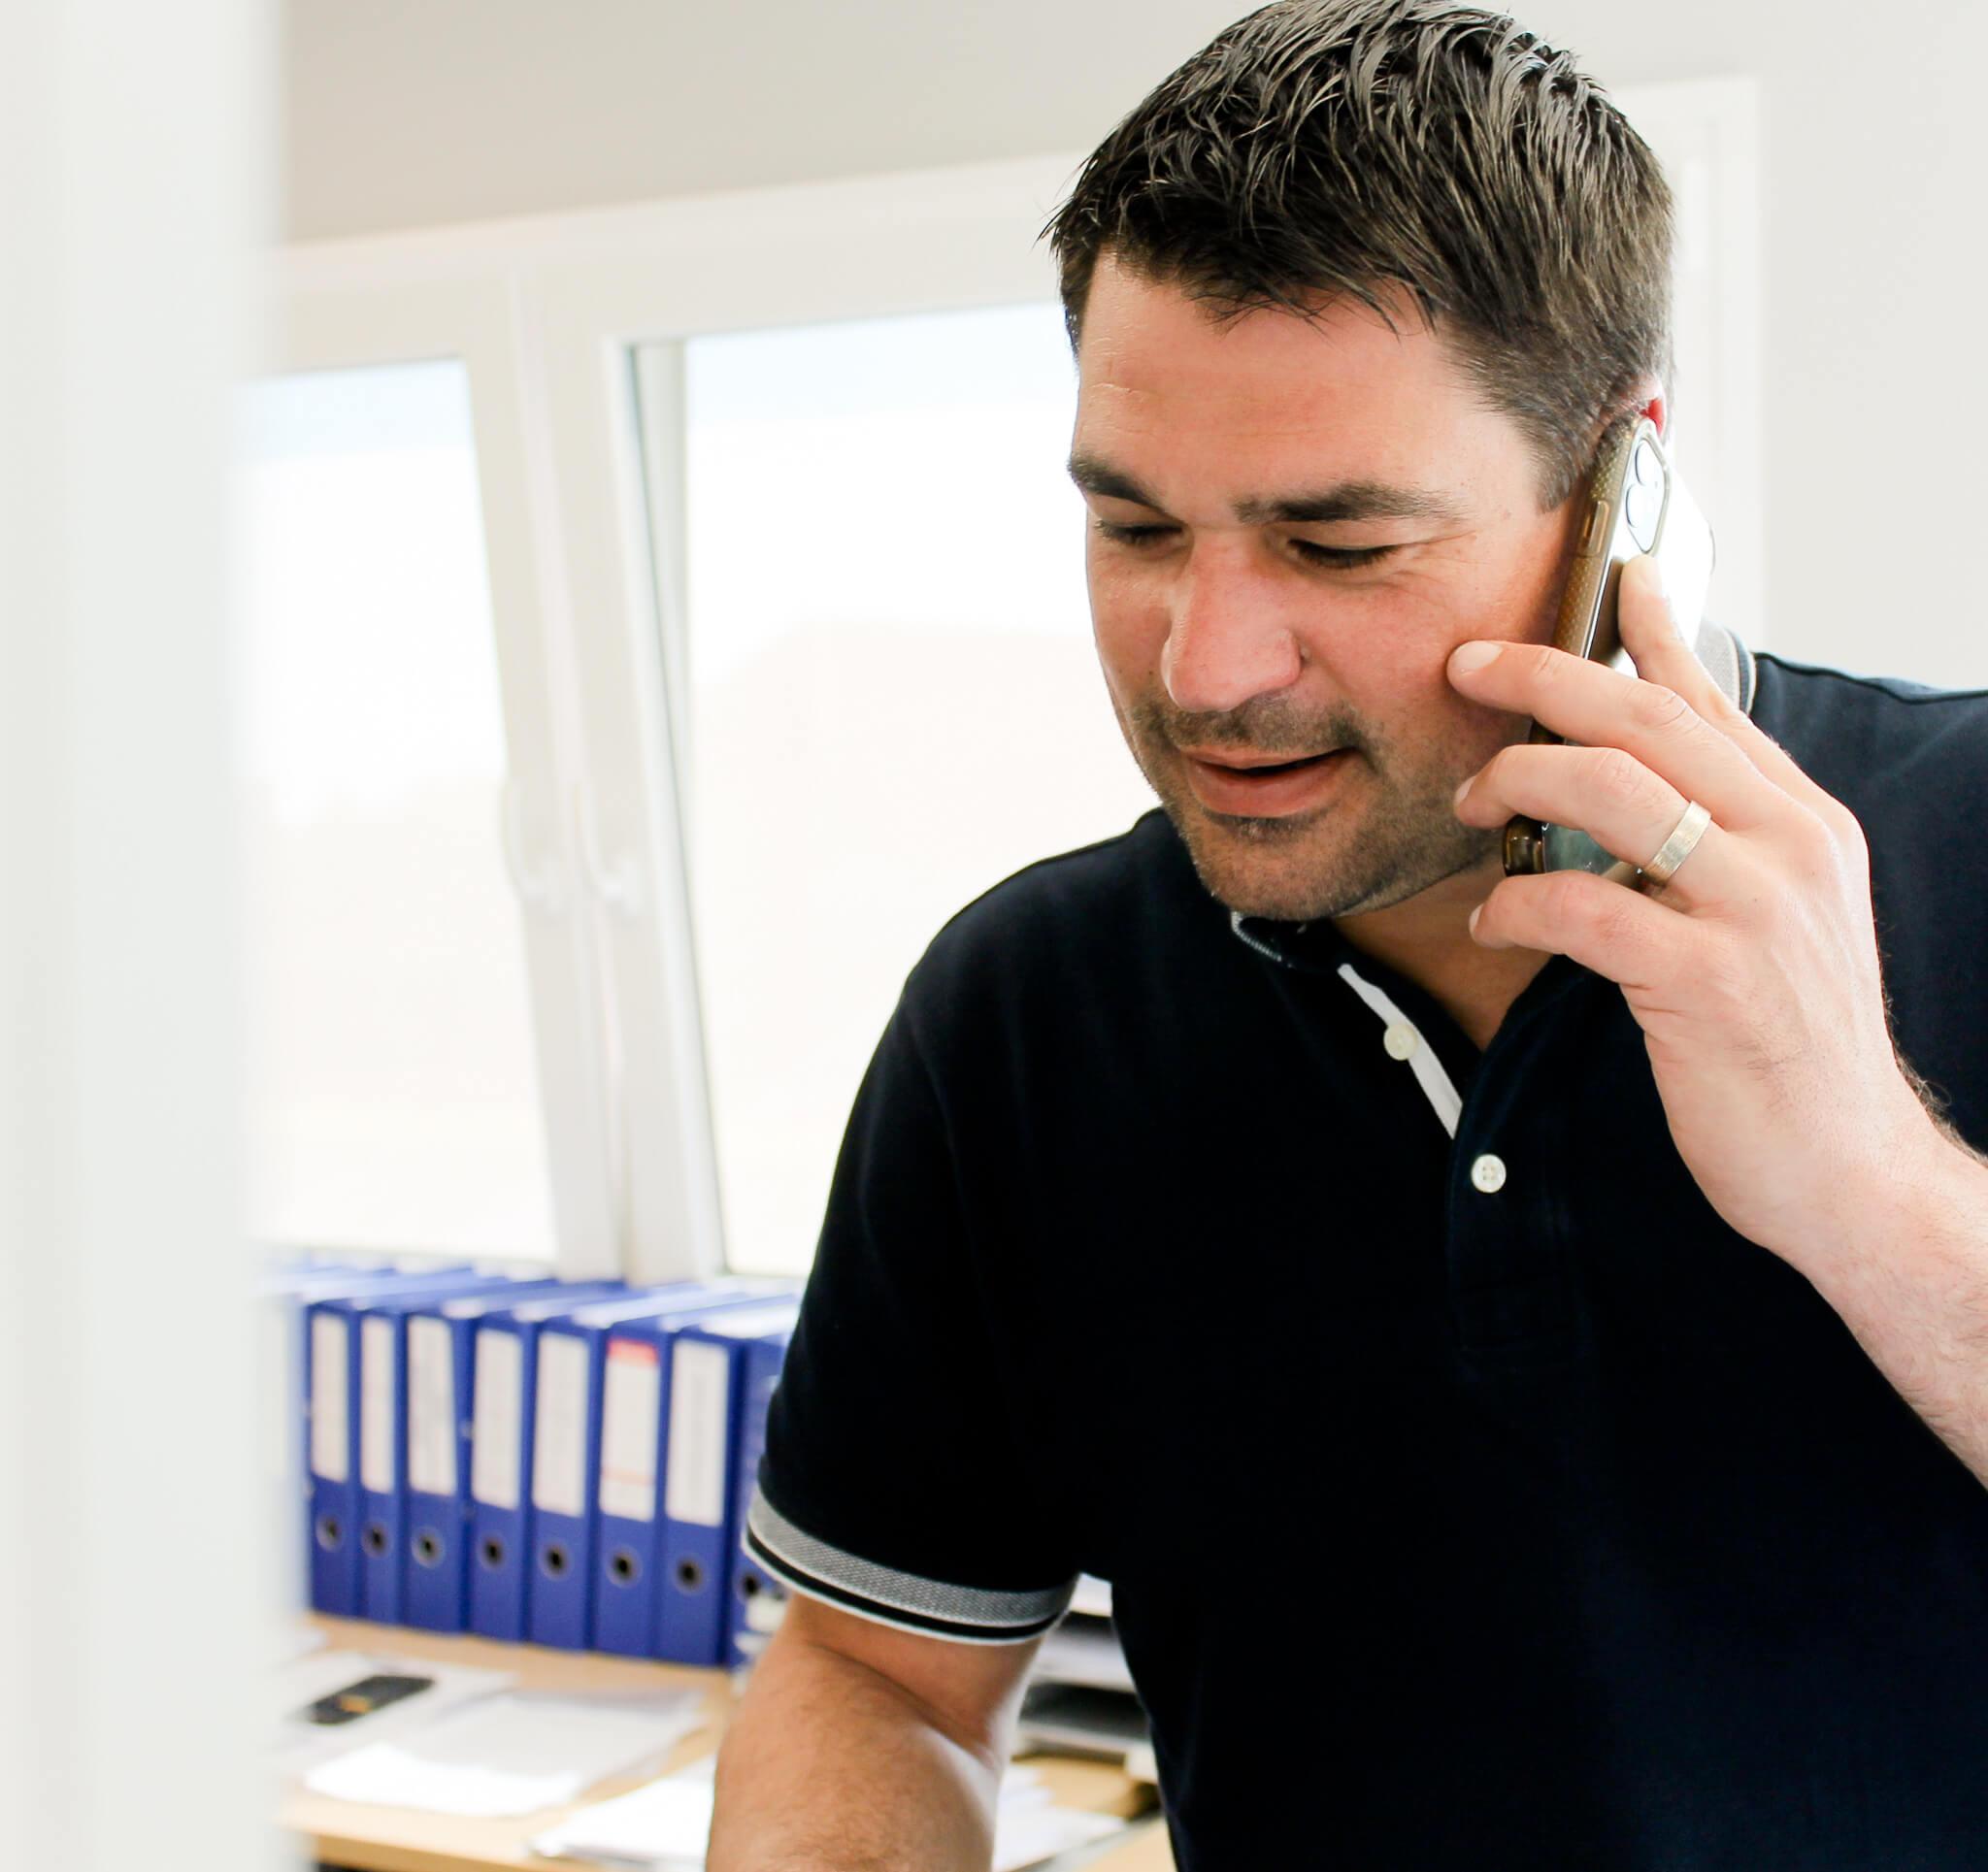 Foto van Christophe aan het telefoneren in kantoor.